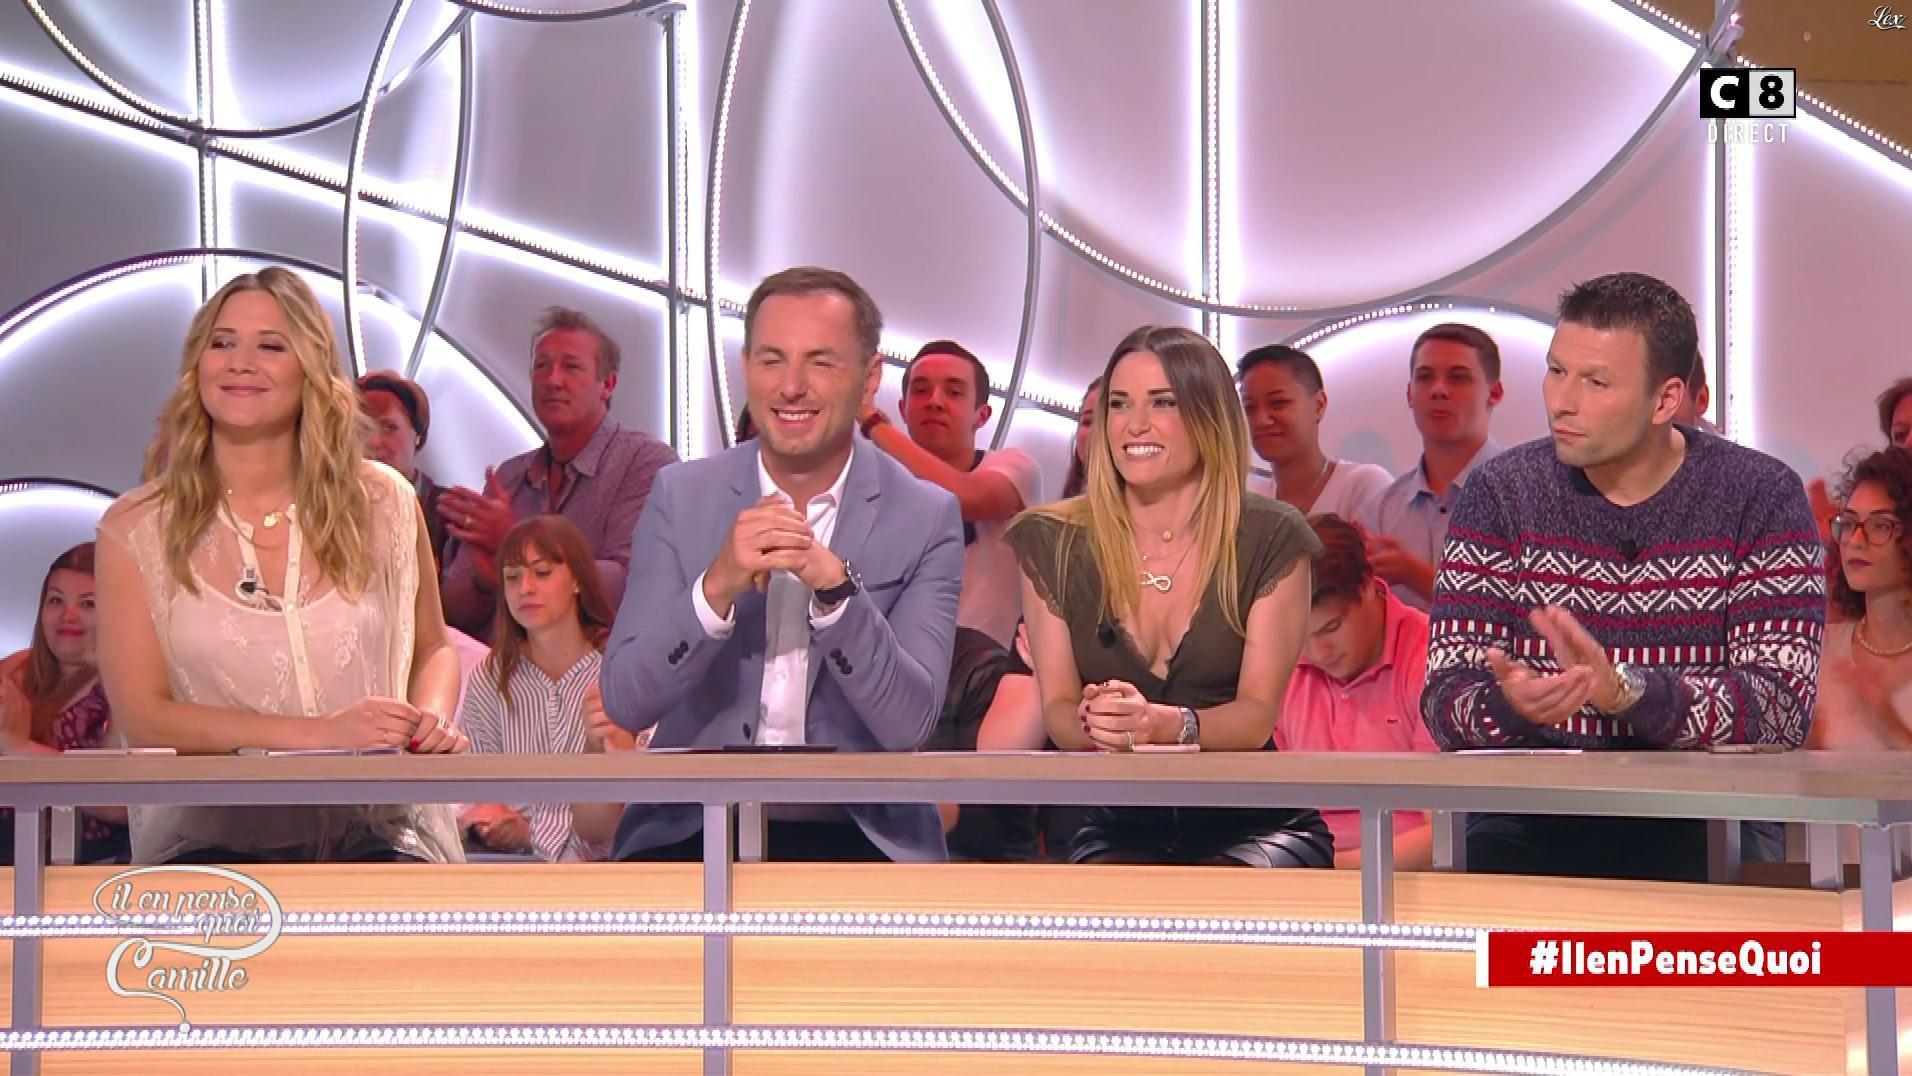 Capucine Anav dans Il en Pense Quoi Camille. Diffusé à la télévision le 06/06/17.